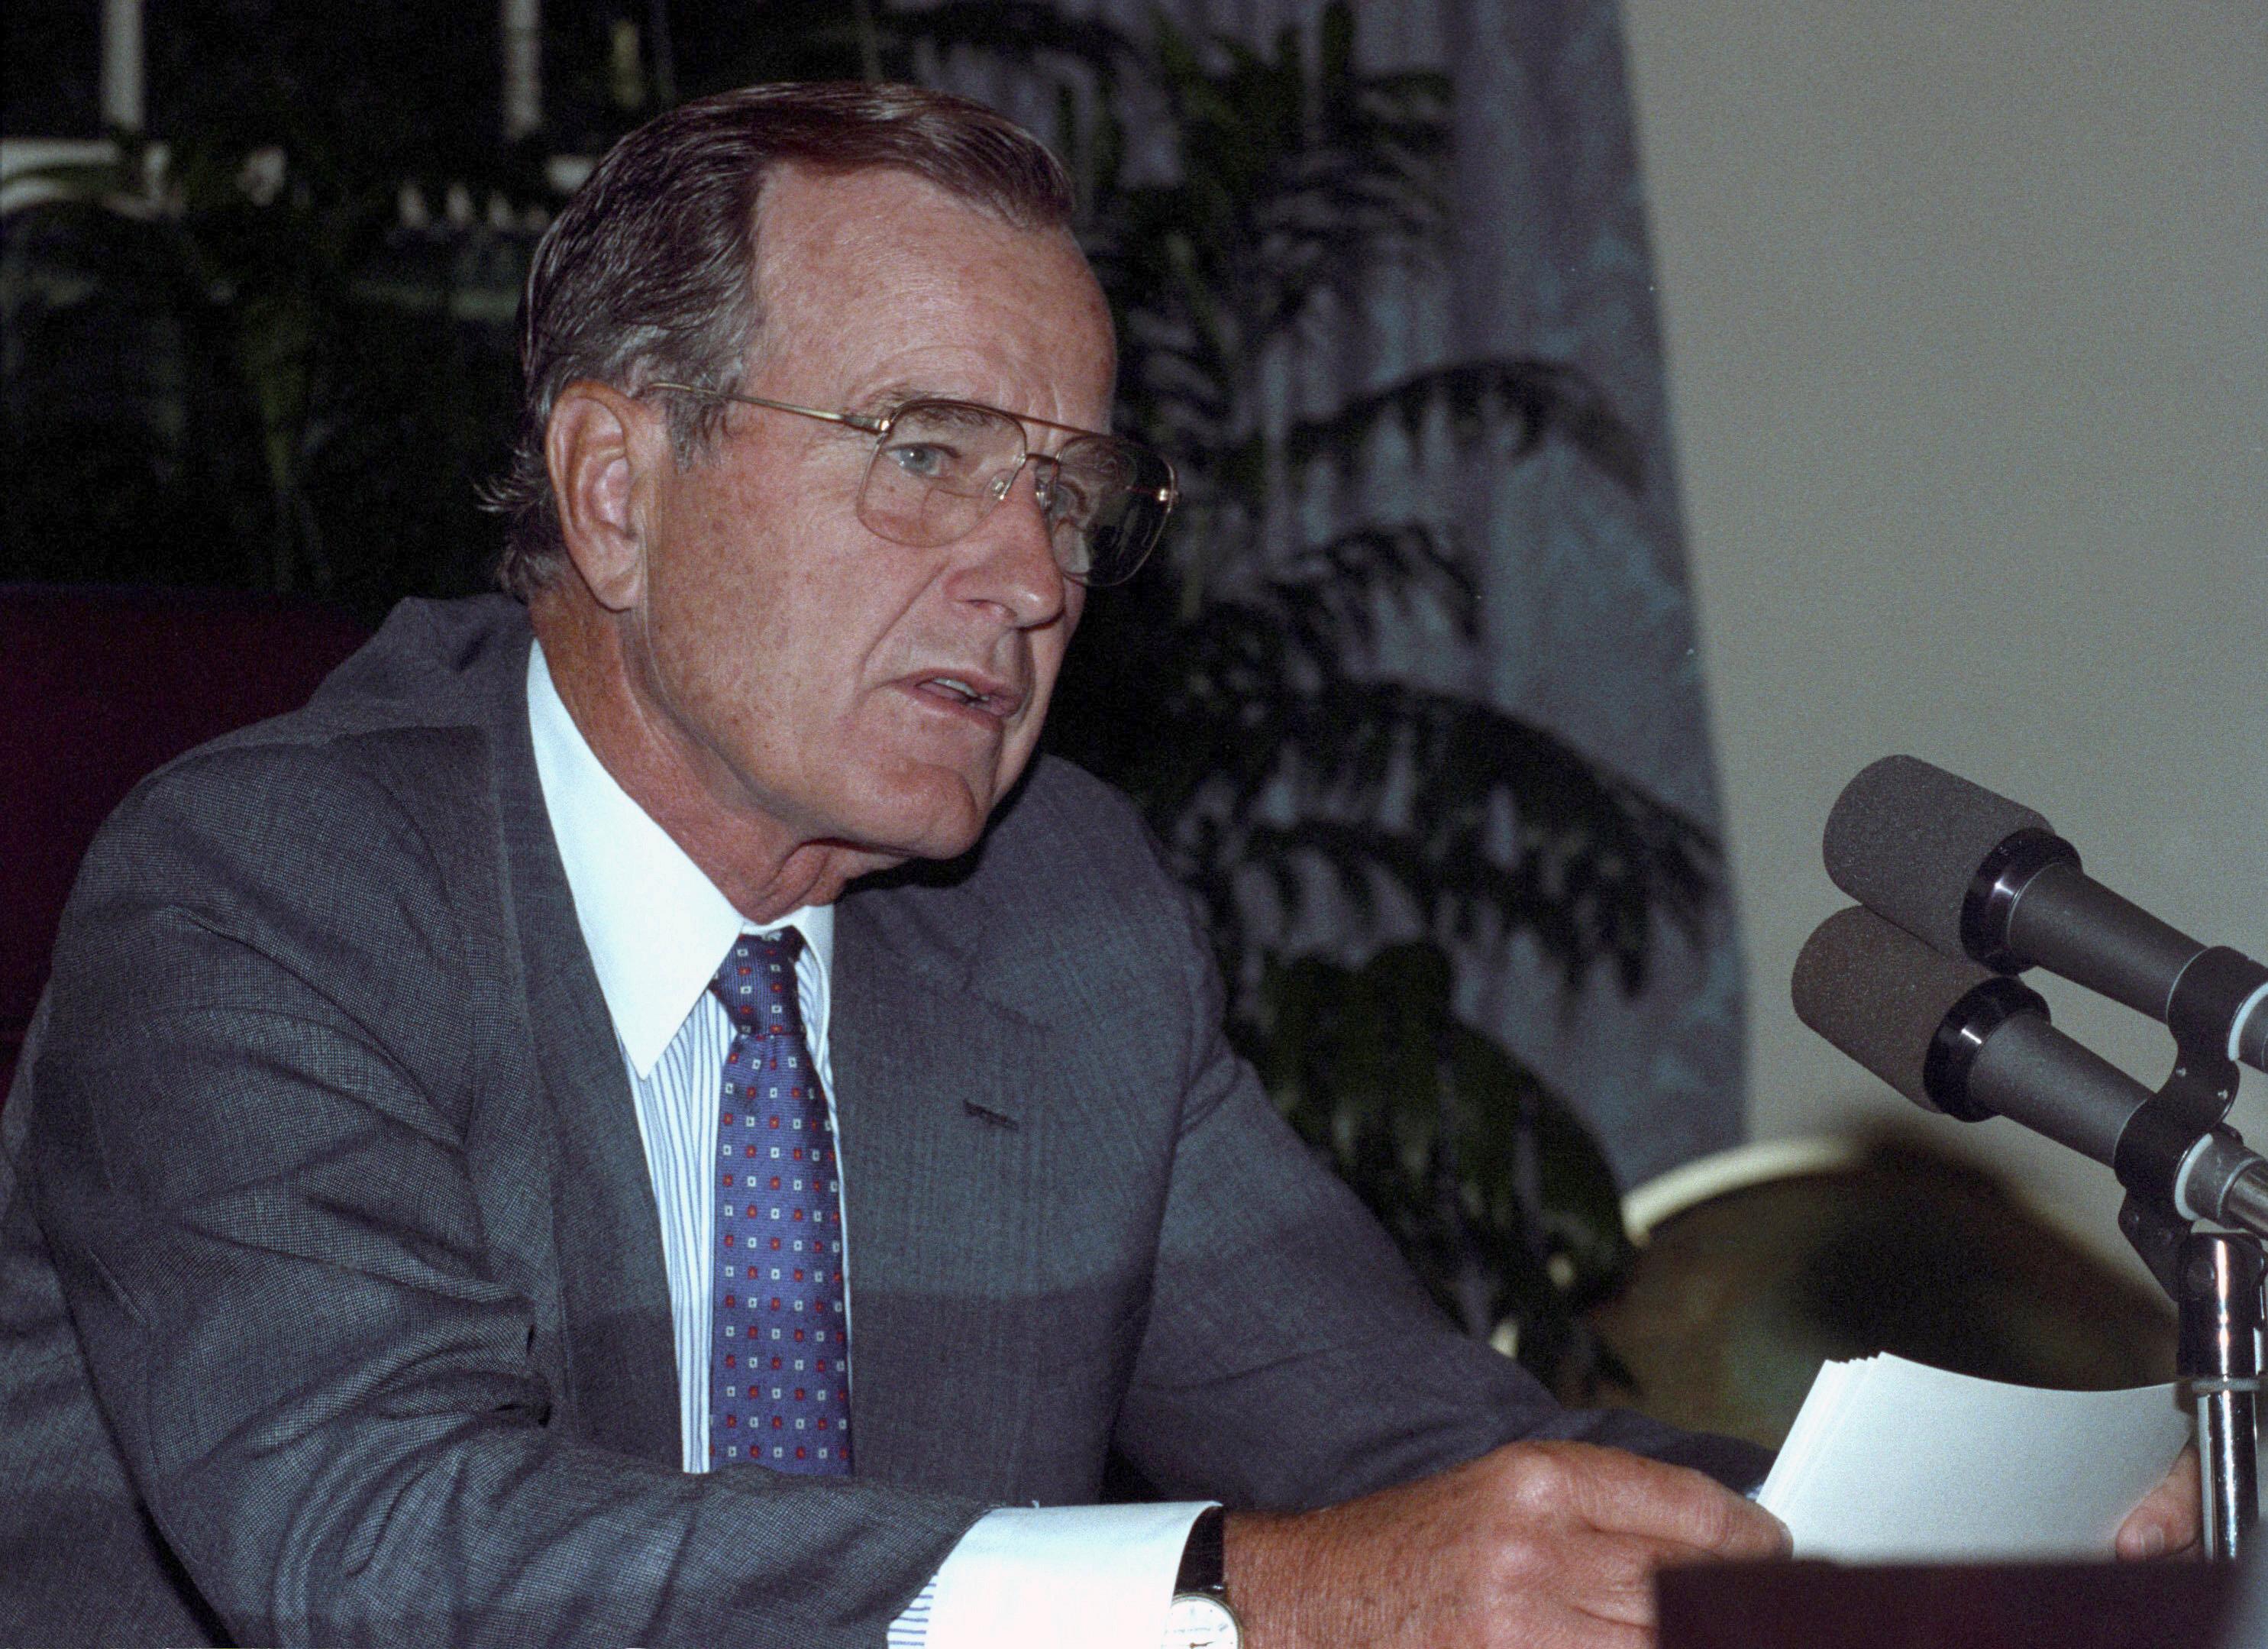 جورج بوش الأب  الرئيس الأمريكى الأسبق  (7)